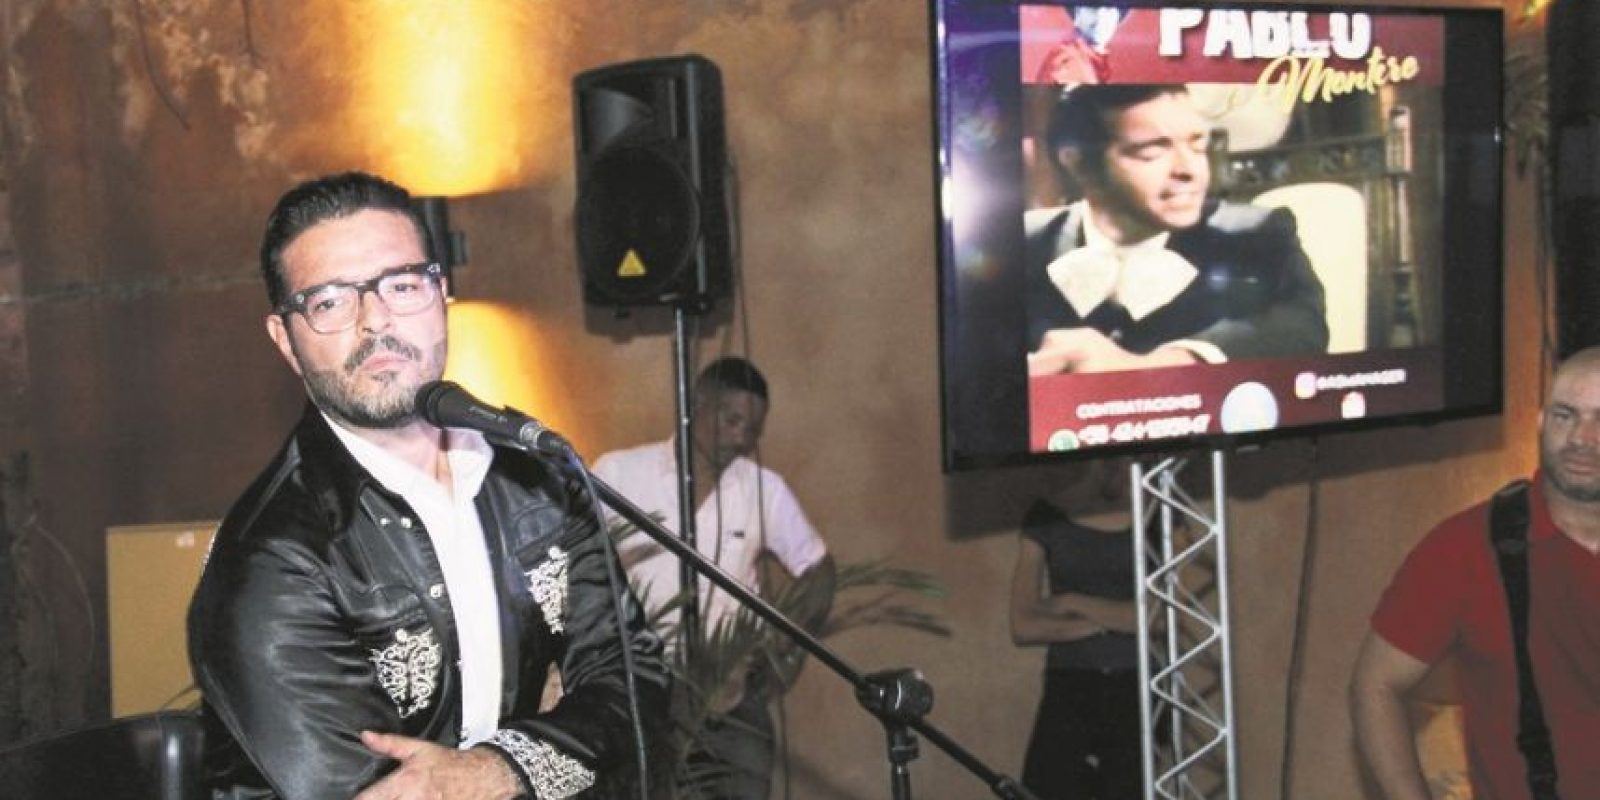 En octubre se presentará en un concierto masivo en Santo Domingo. Foto:Fuente externa